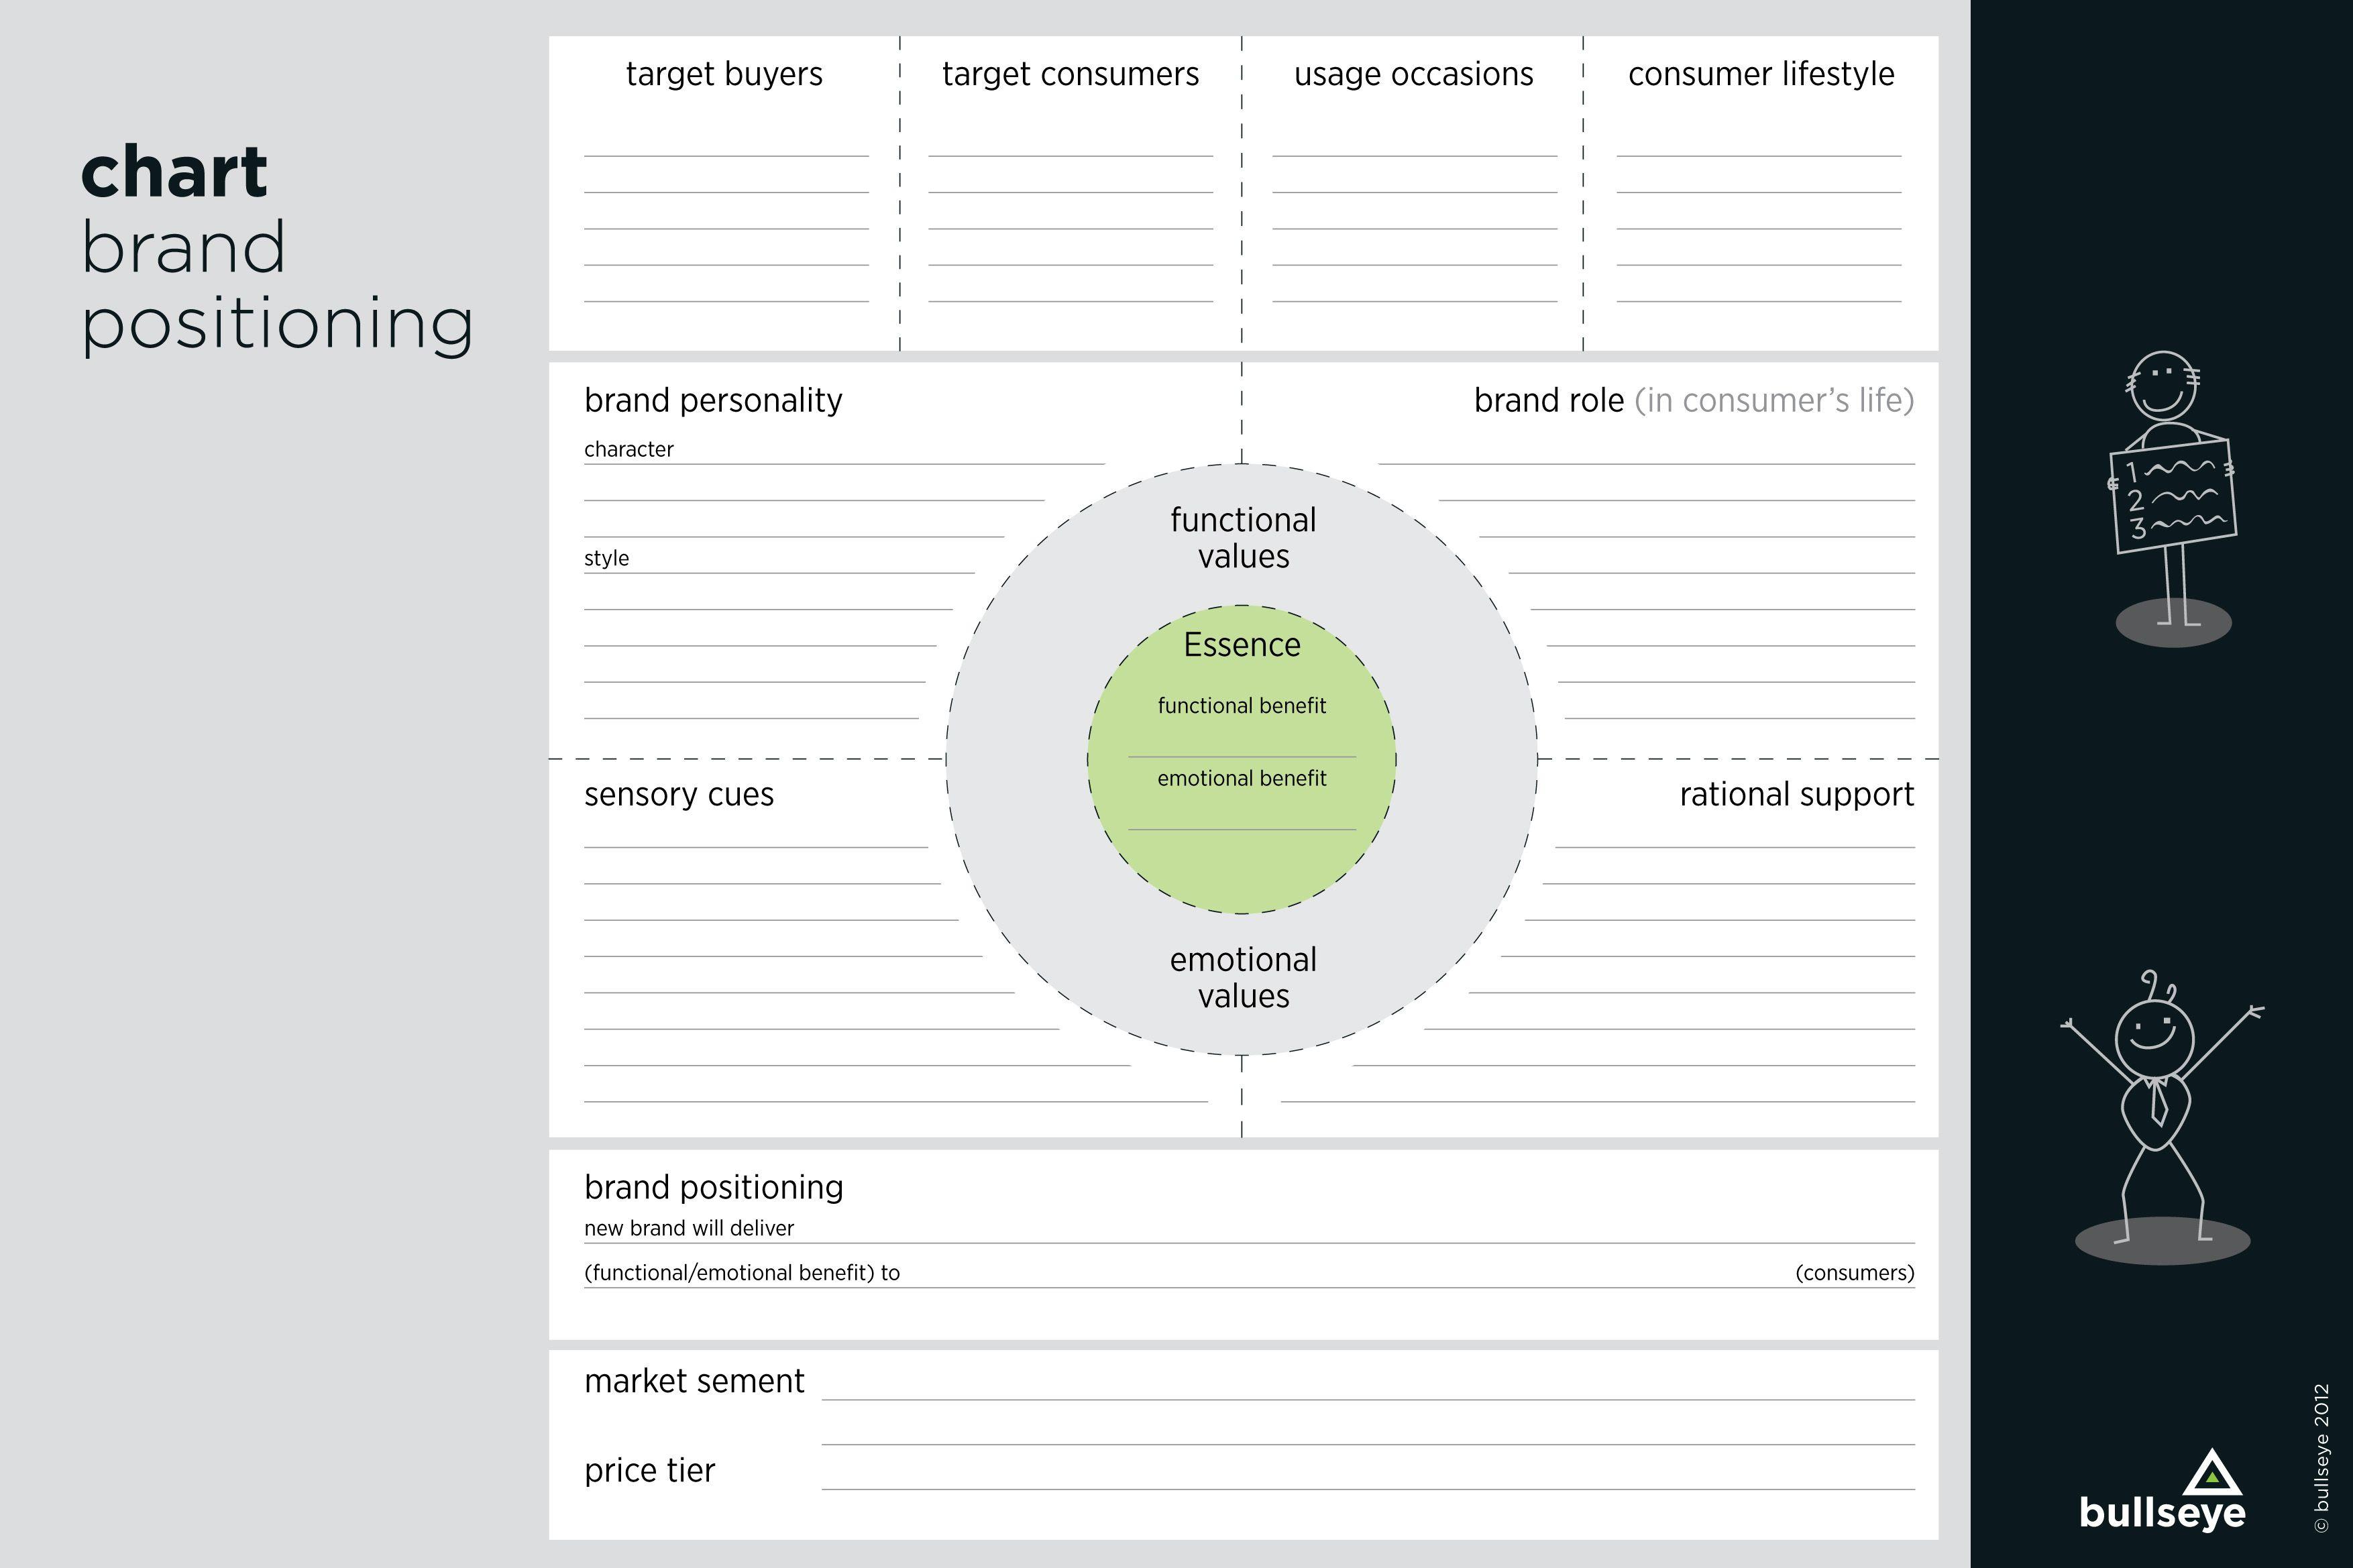 Brand positioning chart bullseye i branding pinterest brand positioning chart bullseye maxwellsz